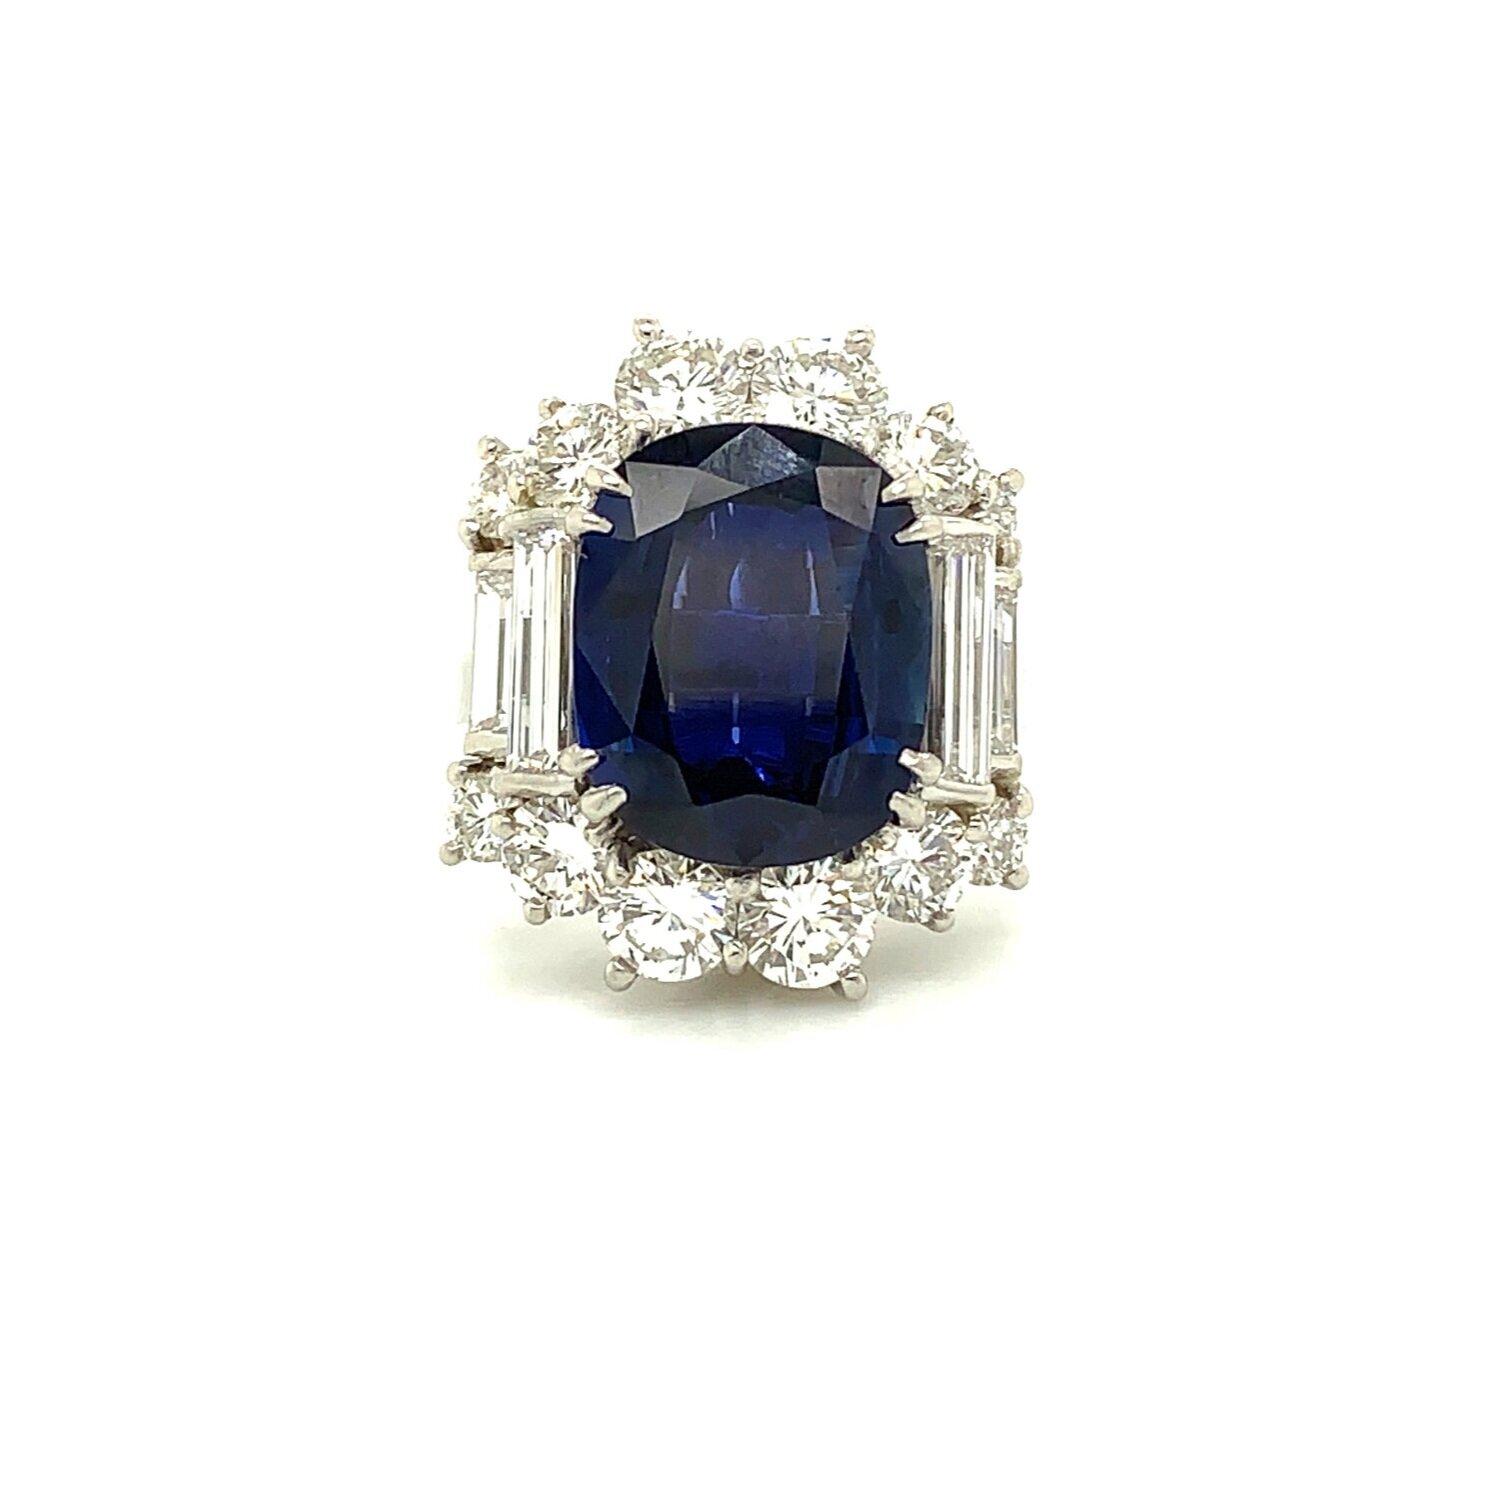 Platinum Fancy Mounting Sapphire 4 Baguette Diamond Ring   Est. US$ 12,000-15,000